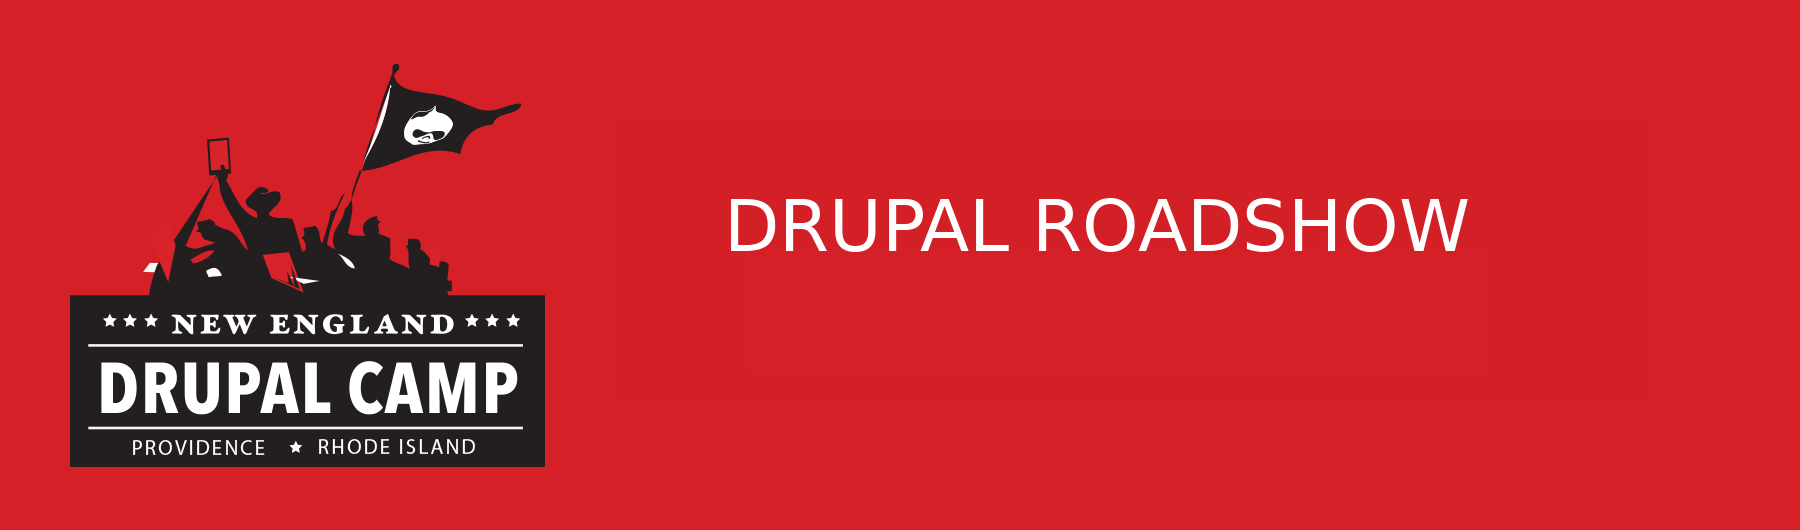 Drupal Roadshow